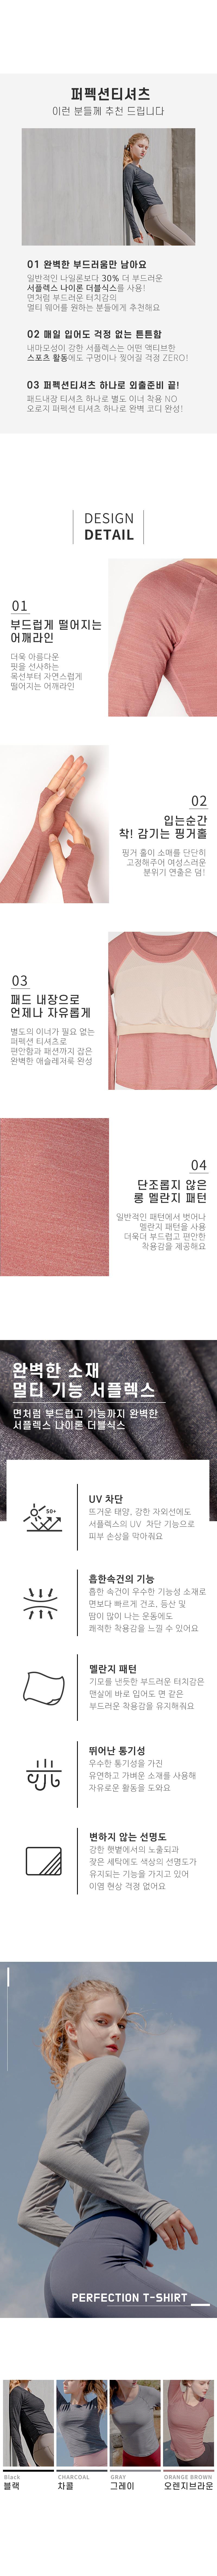 스컬피그(SKULLPIG) [SA5250] 퍼펙션 티셔츠 오렌지 브라운/라운드넥/여성티/멜란지